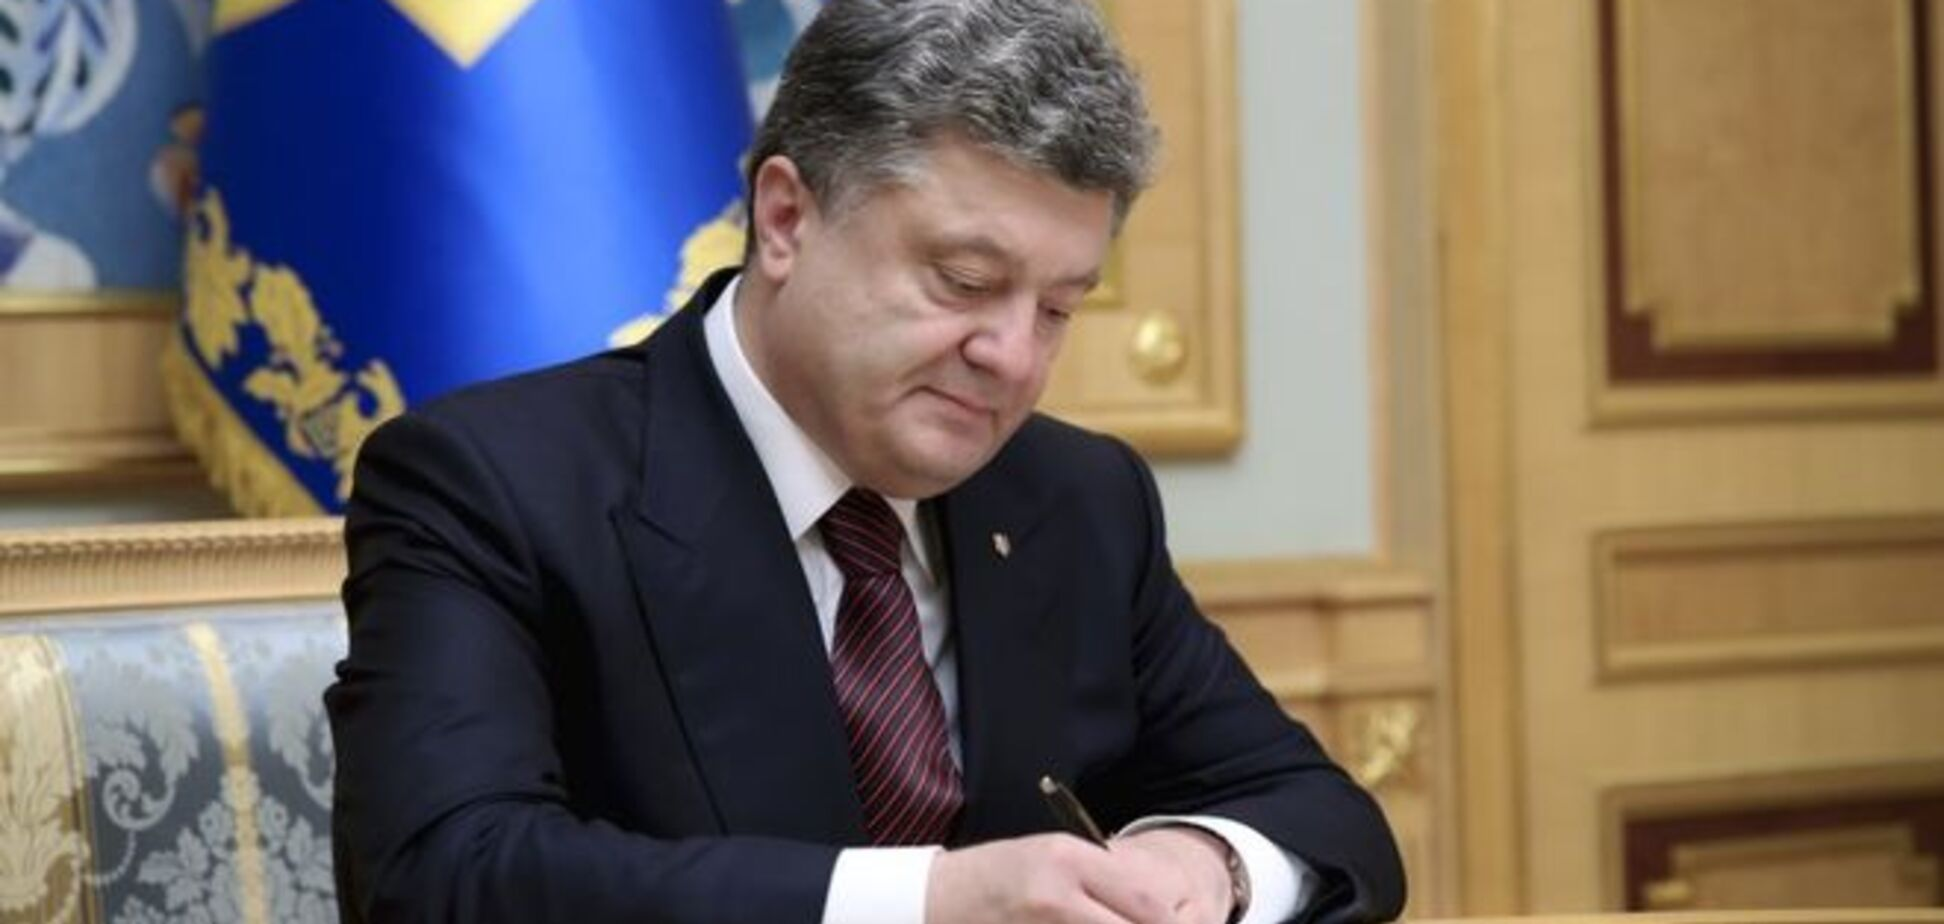 Чистка в Закарпатській області: Порошенко звільнив усіх голів РДА